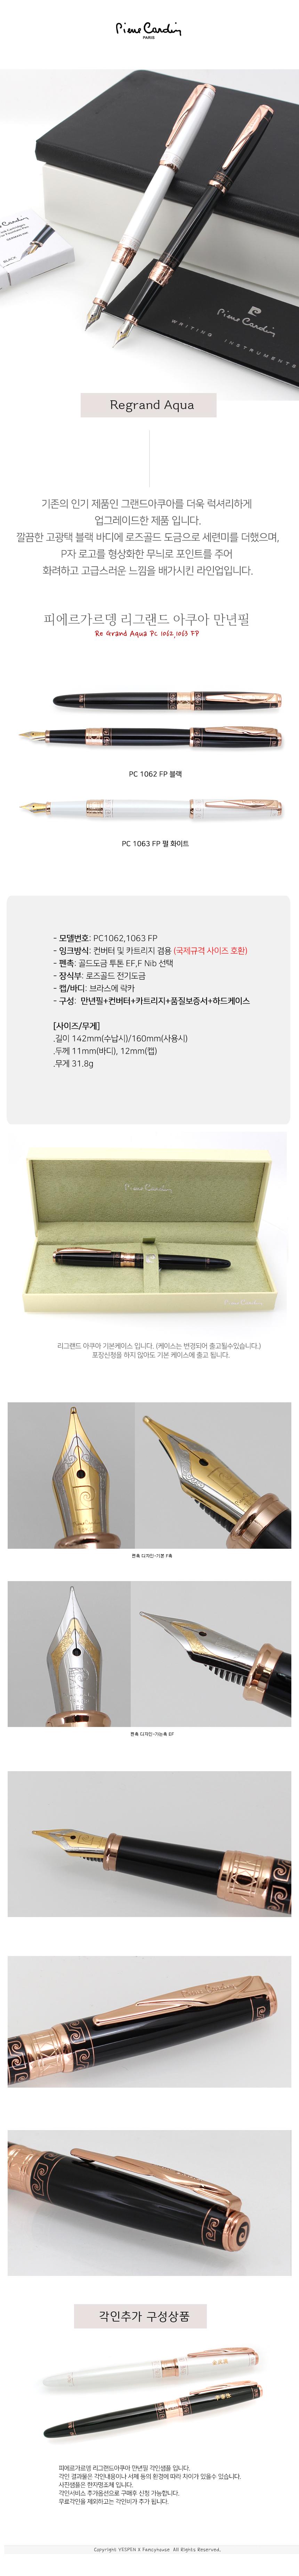 pierre cardin,만년필전문쇼핑몰,각인,만년필각인,세필,가는펜촉,한글필기용 펜촉